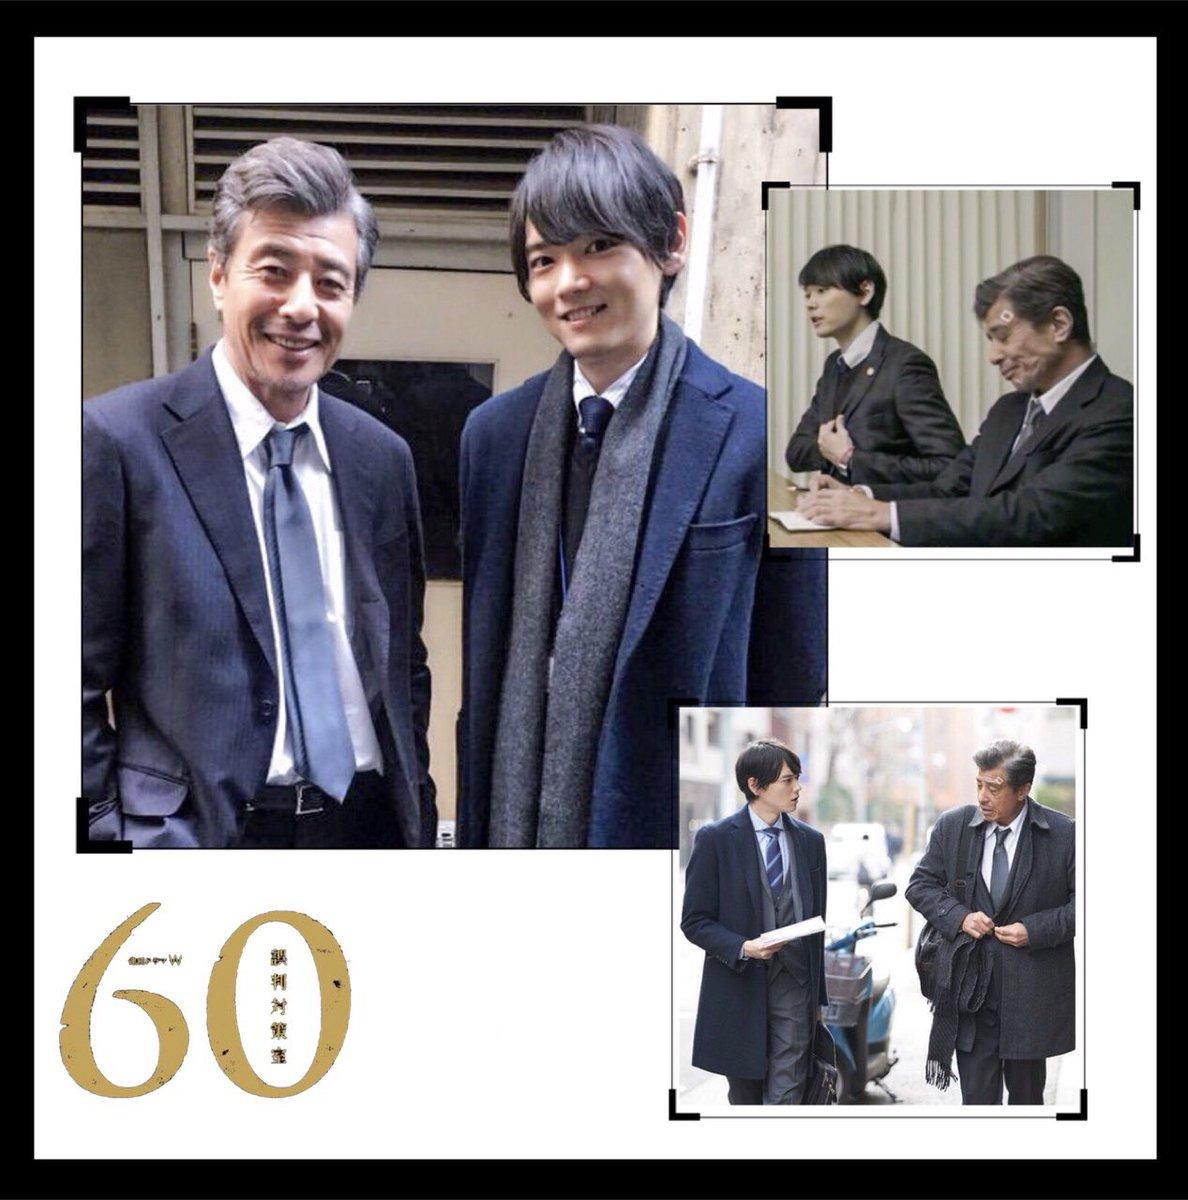 #60誤判対策室 hashtag on Twitter